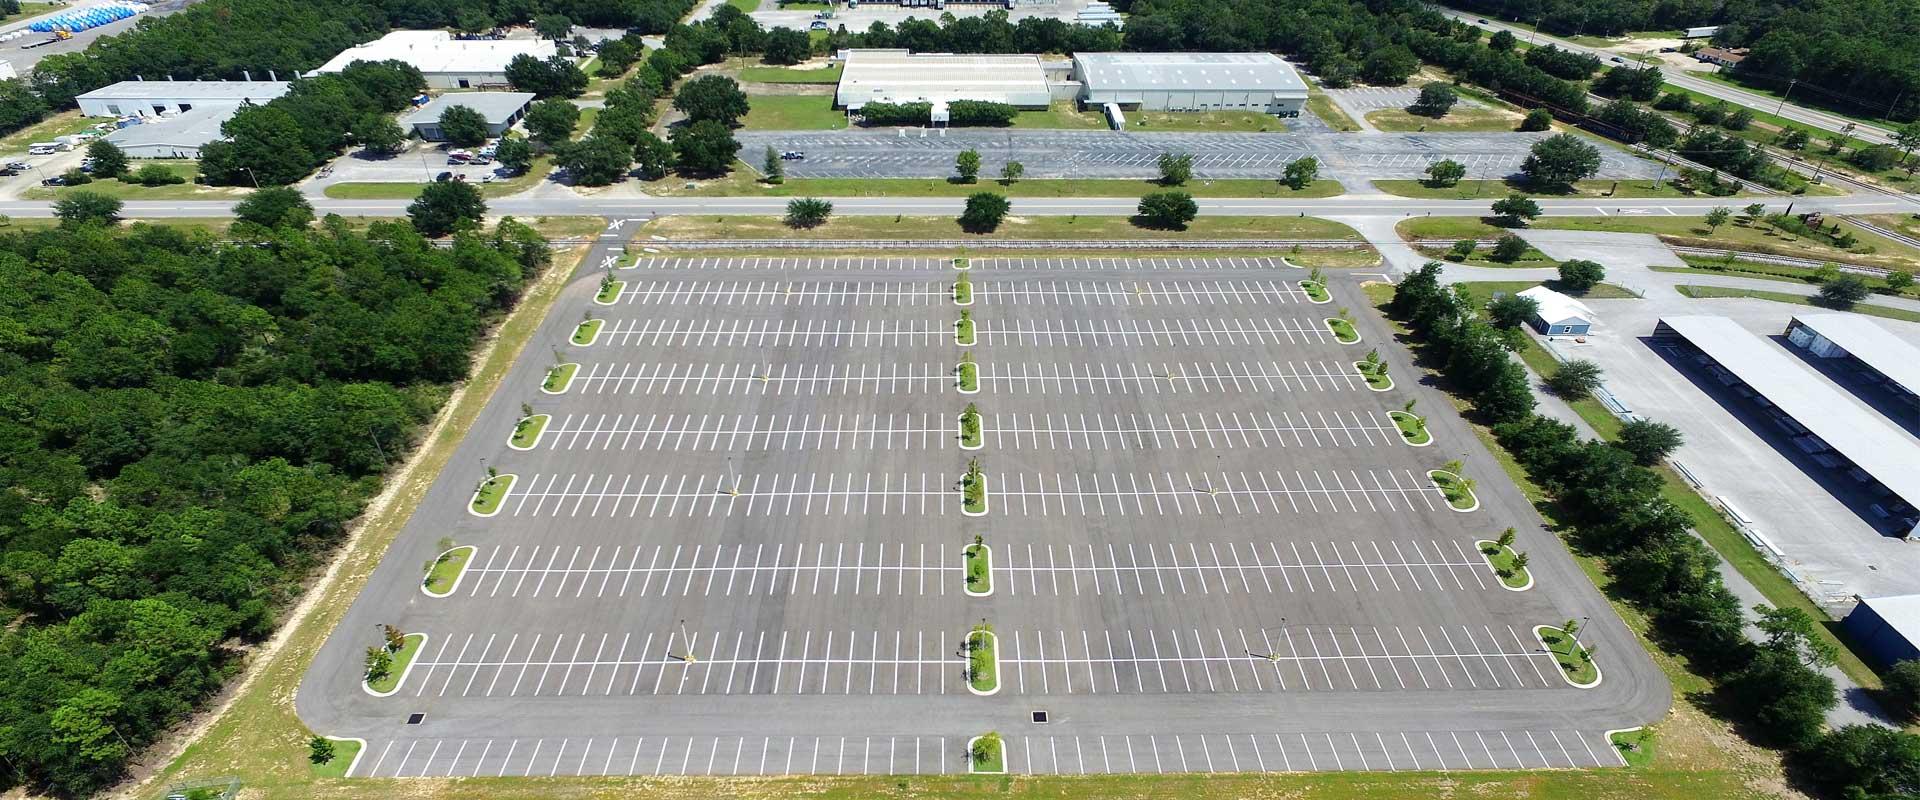 parking-lot-asphalt-with-lines-florida